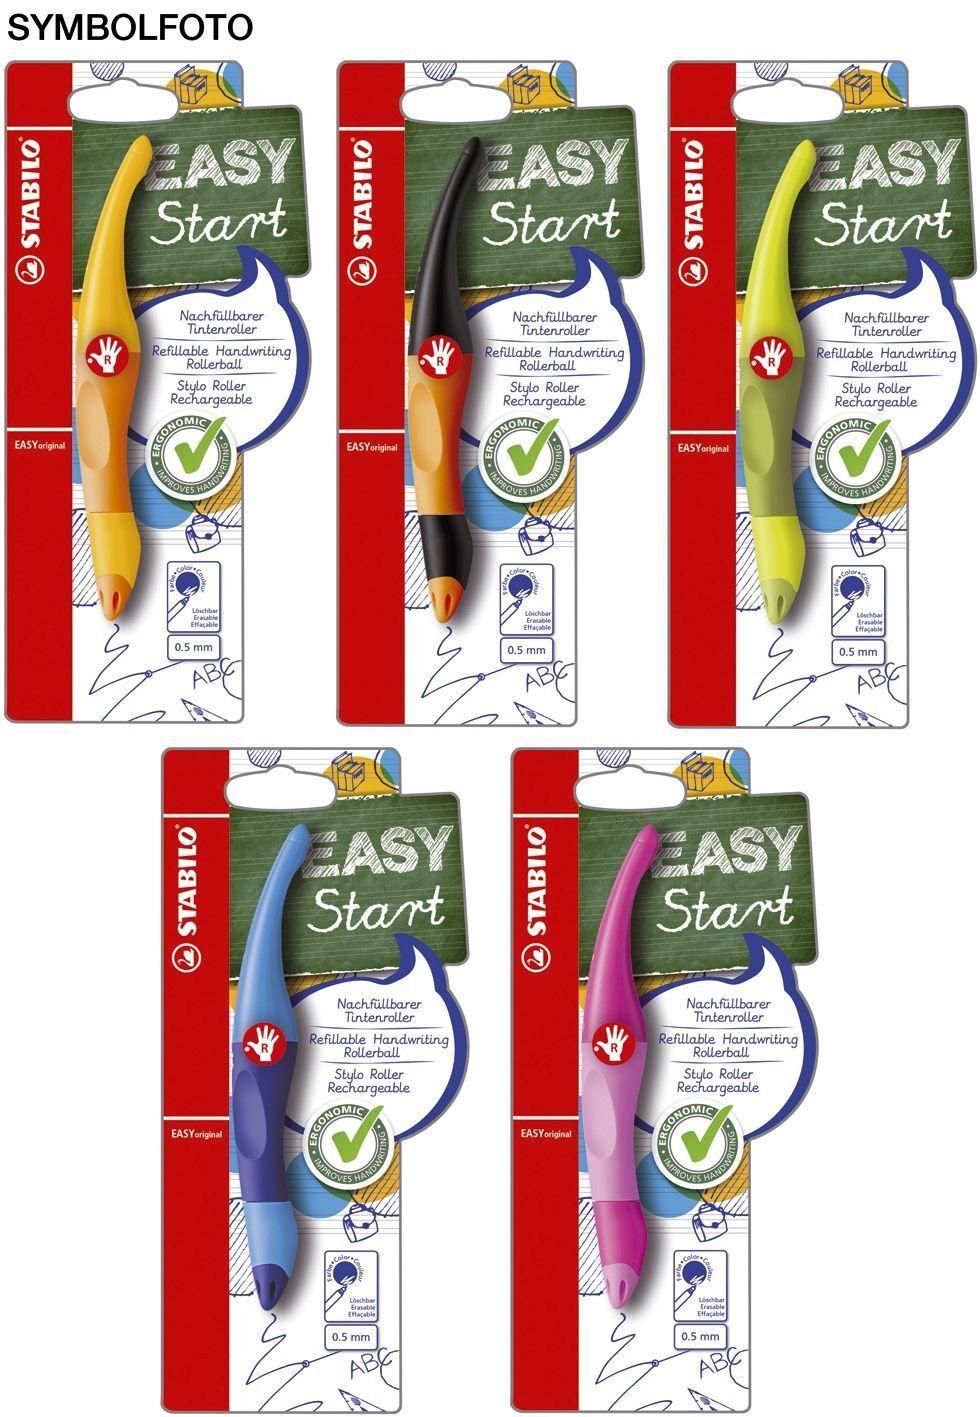 Facile Originale - Ergonomica Penna a Sfera, Coloremix, Vpe = 5 Pezzi